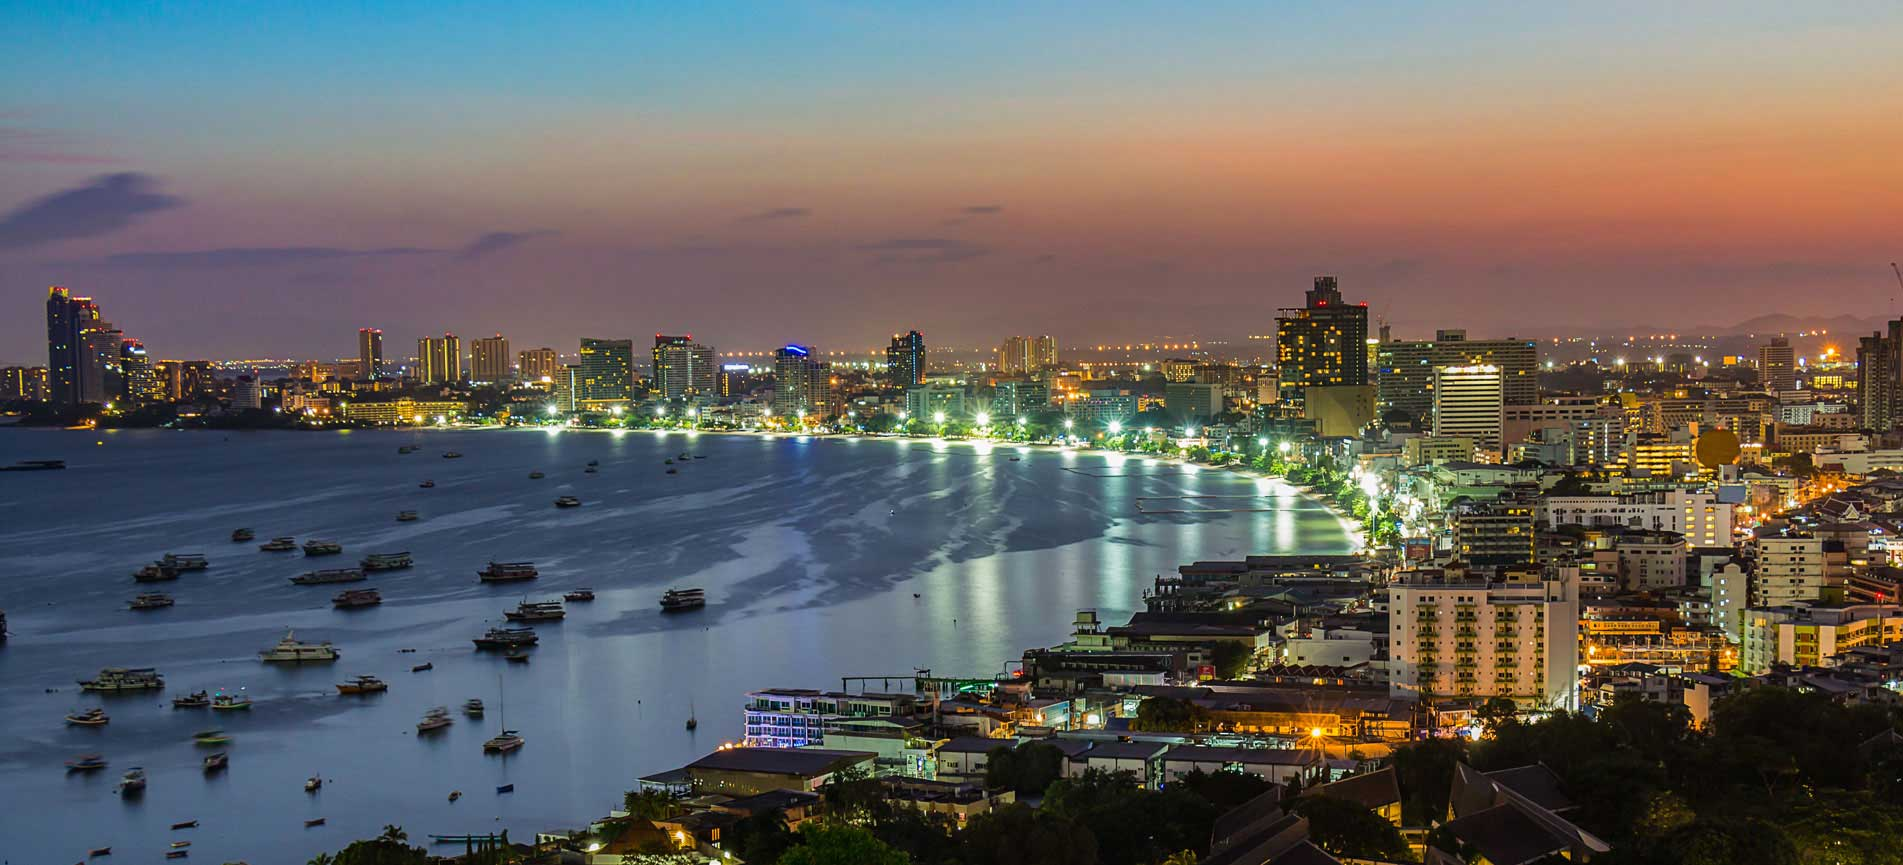 泰國房地產投資及泰國股市投資秘笈大公開!投資新手們必看懶人包 @東南亞投資報告